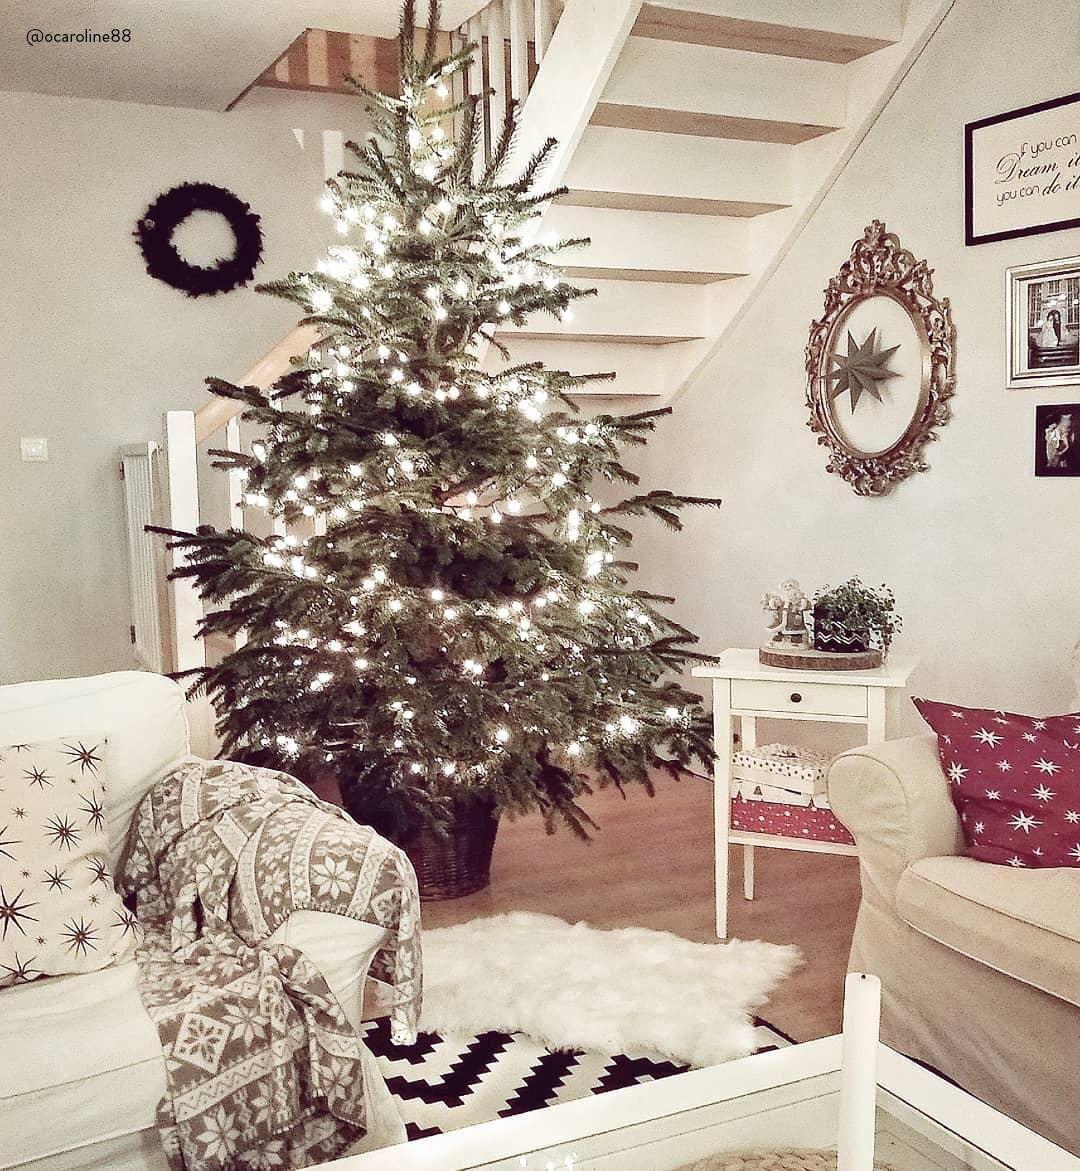 Christbaumkugeln Modern.Rockin Around The Christmastree Ein Hübsch Dekorierter